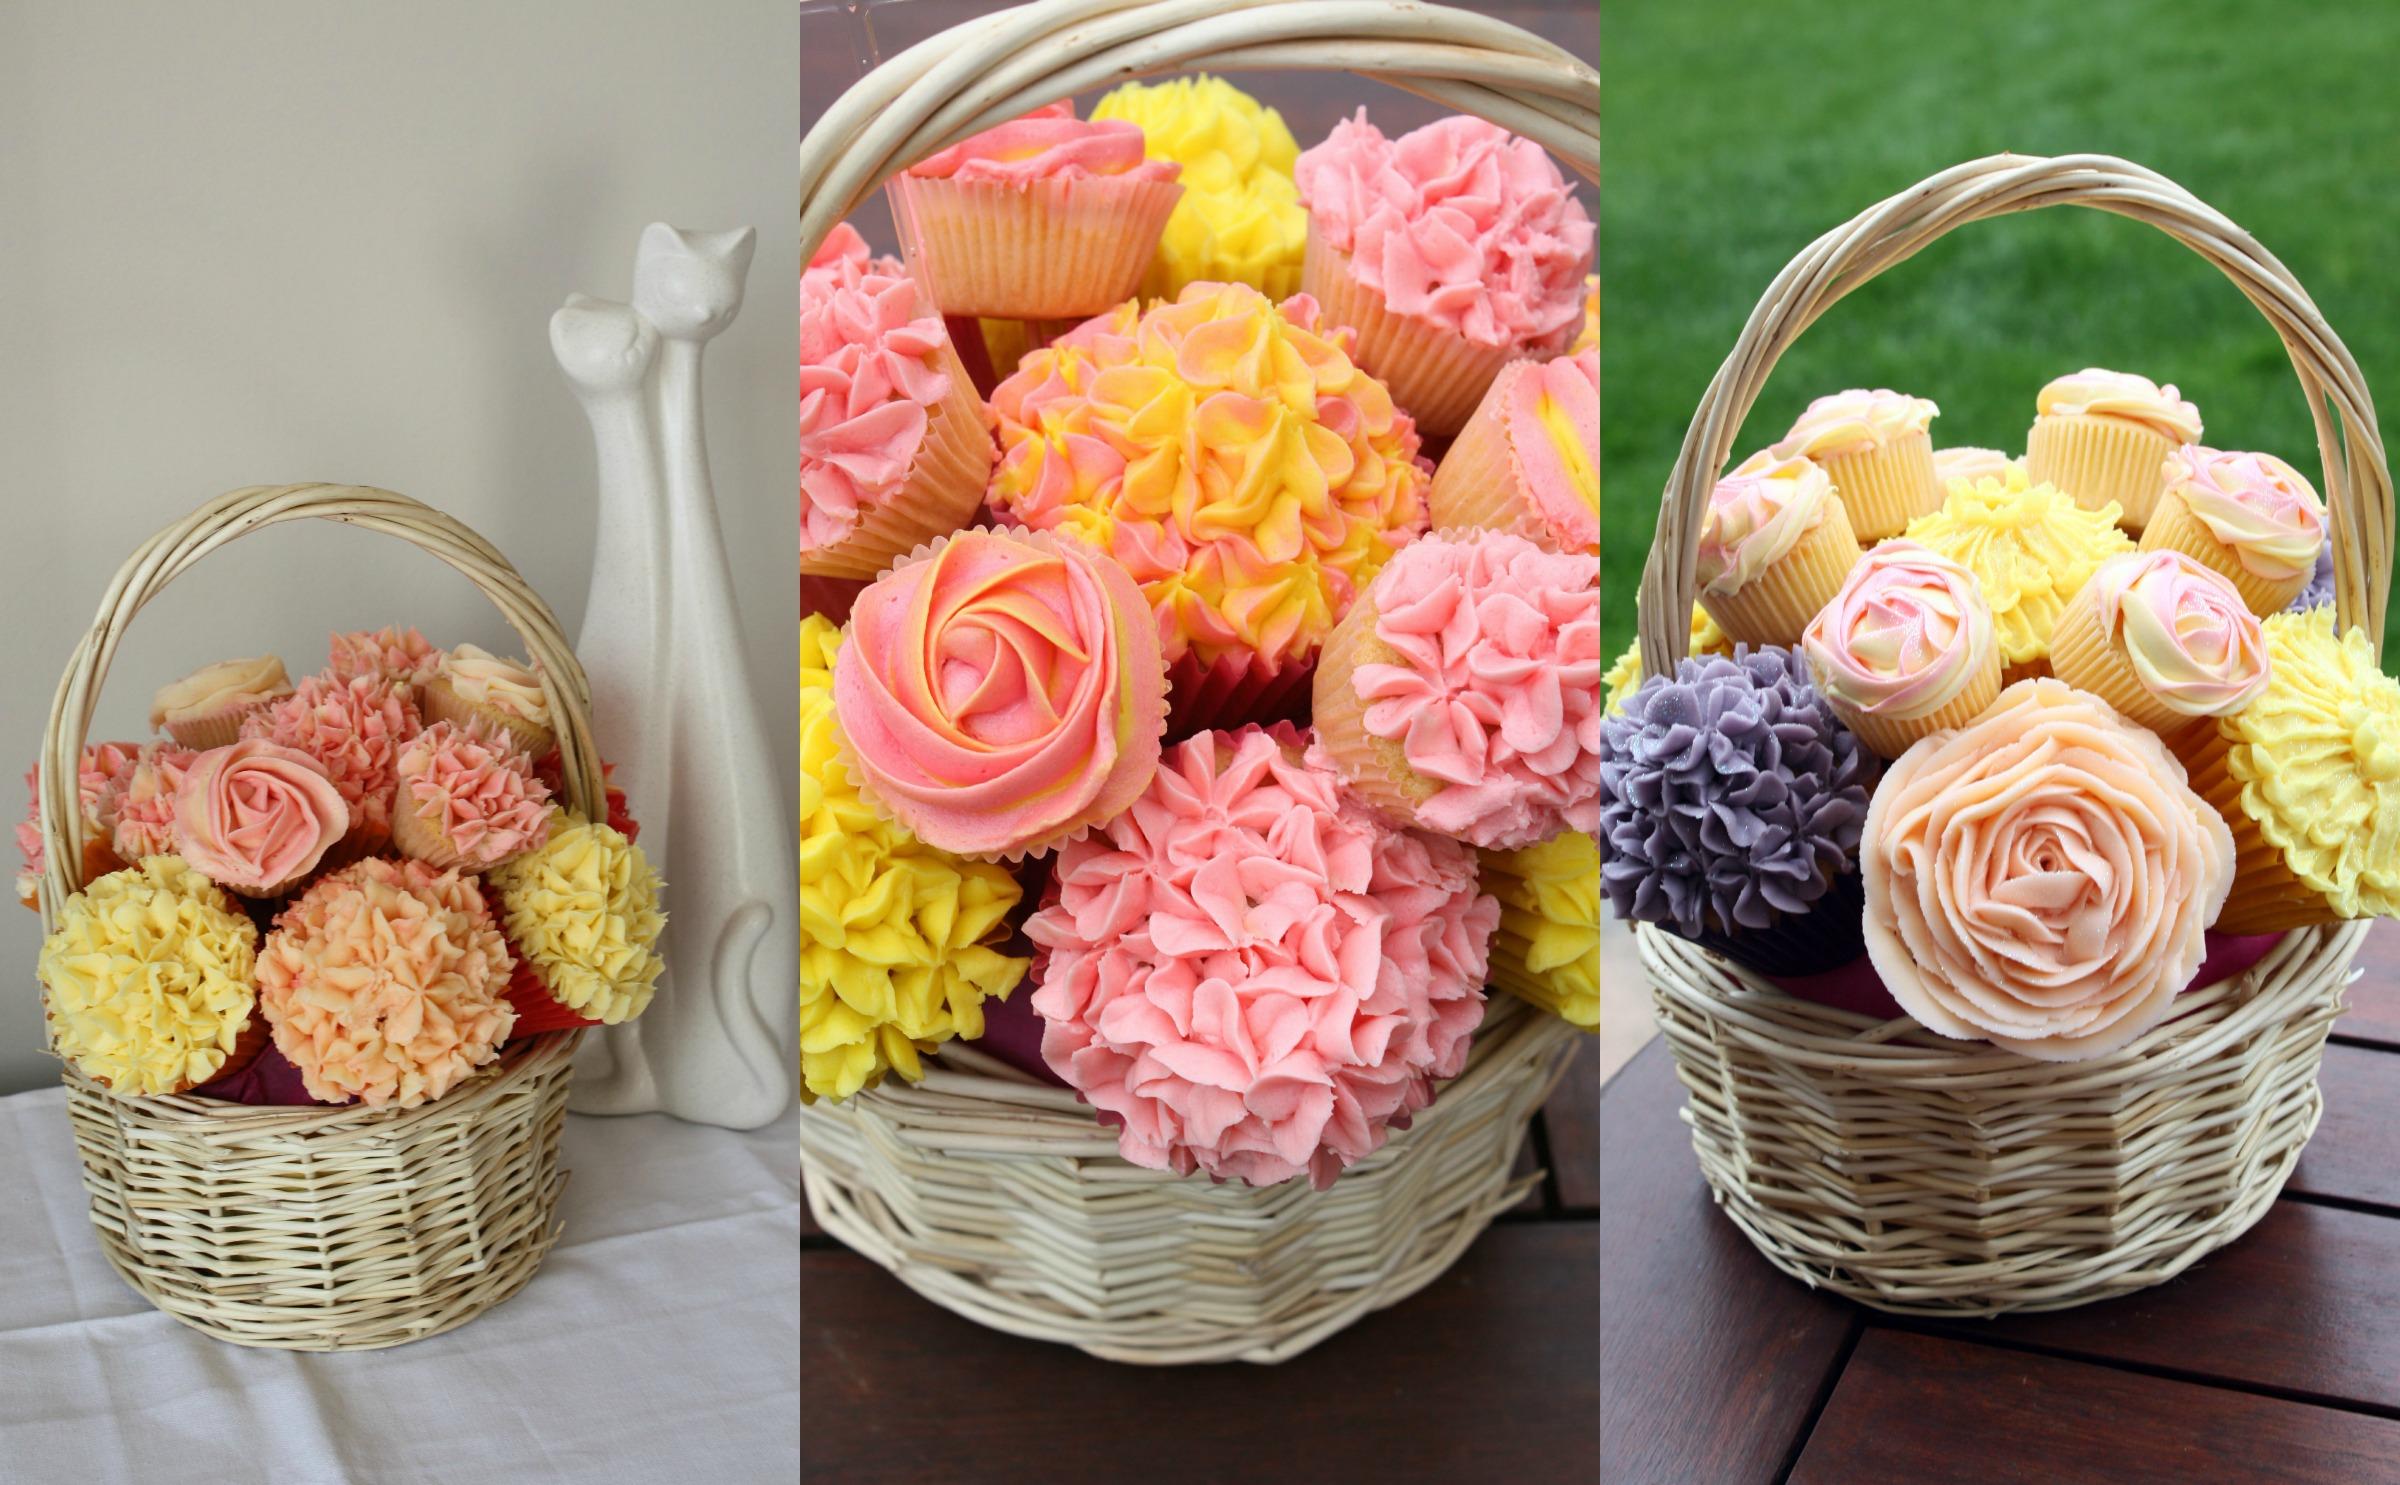 Подарок с живыми цветами и еще с чем то